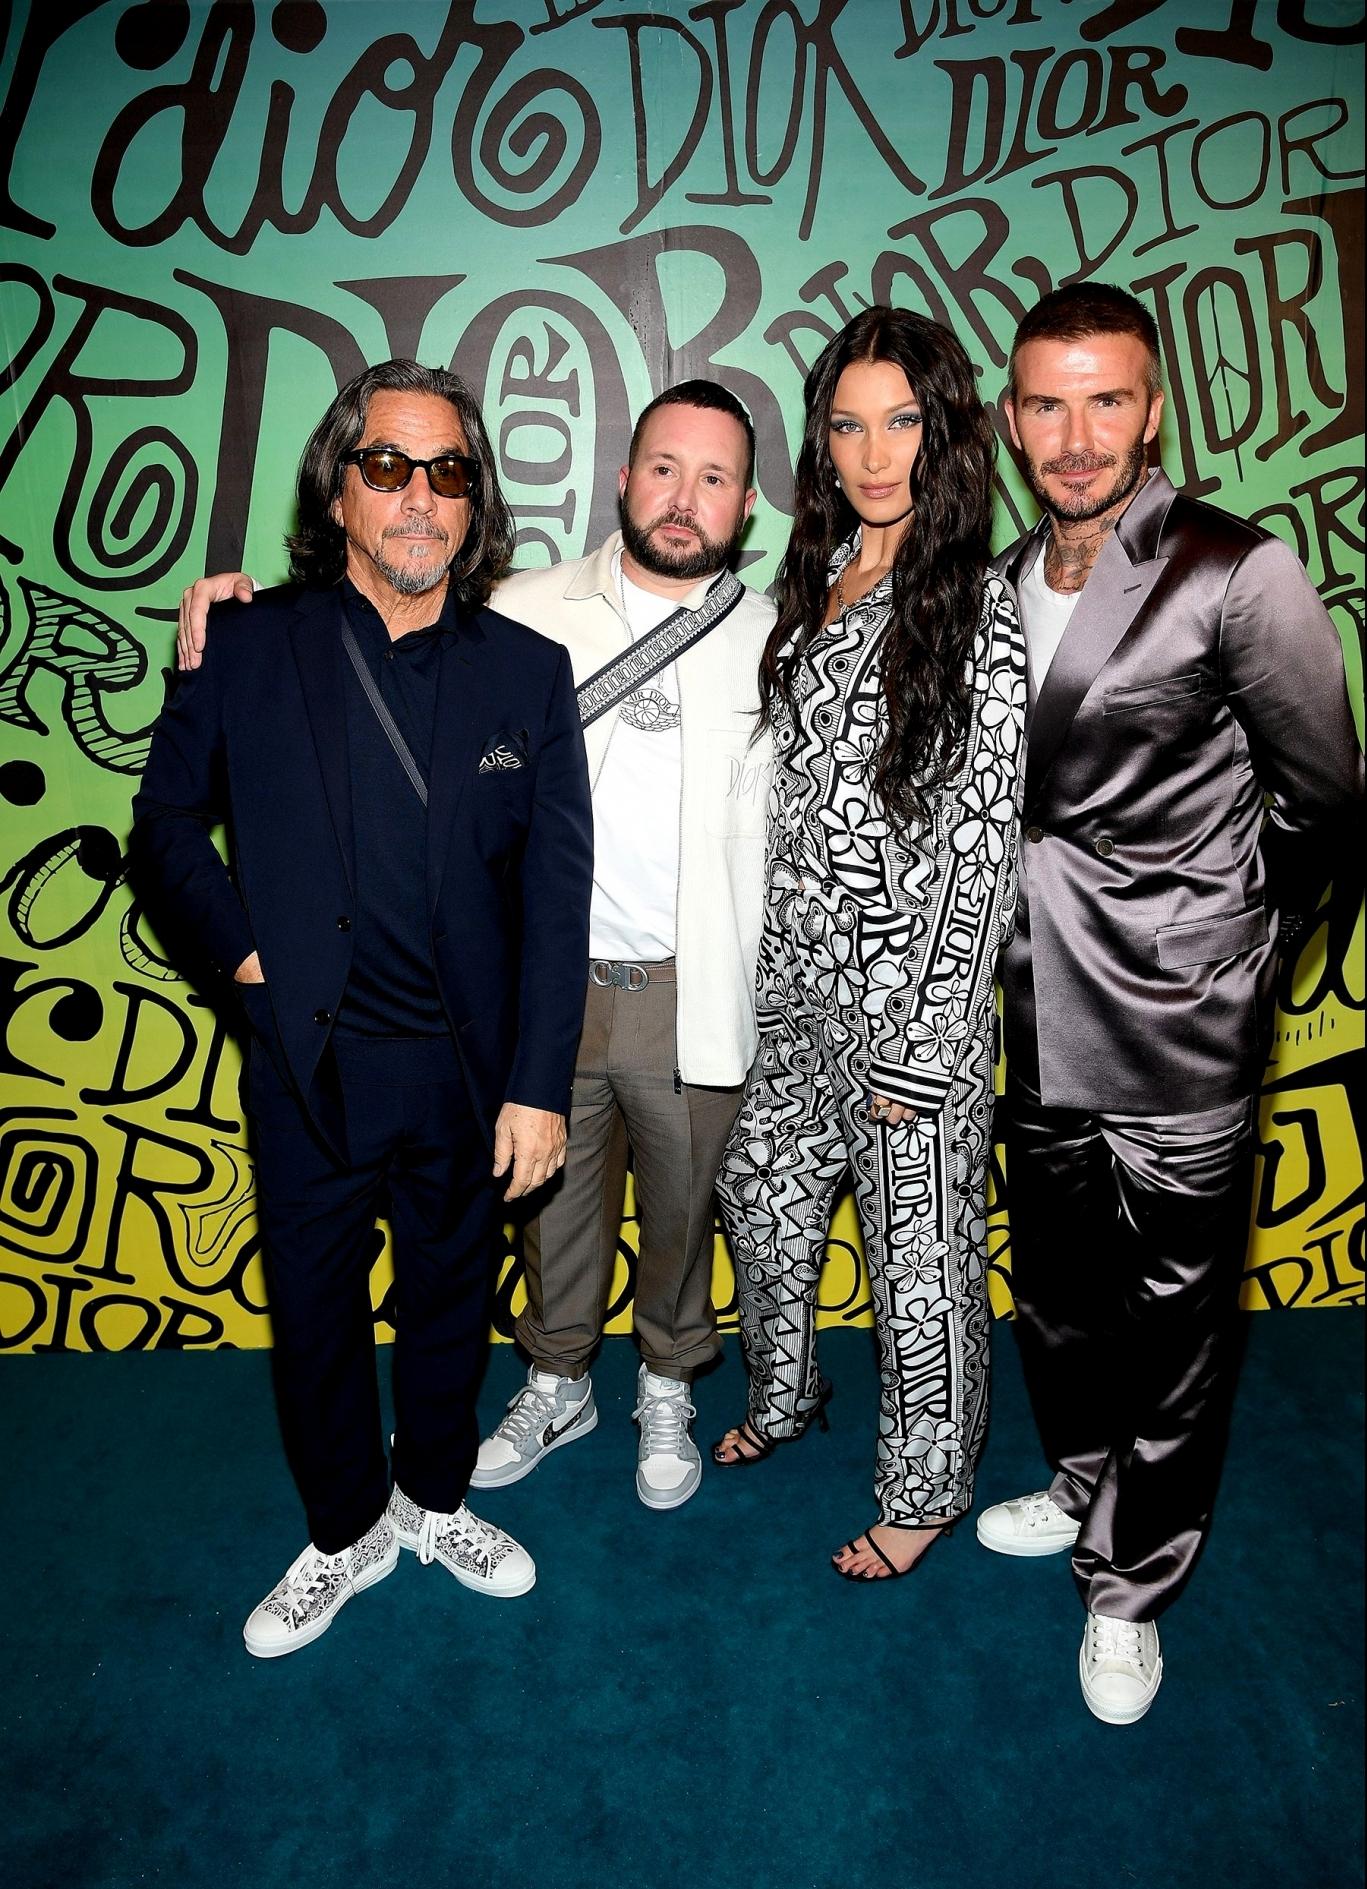 Ким Джонс и Шон Стасси, Белла Хадид и Дэвид Бекхэм на показе Dior Pre-Fall 2020 Menswear